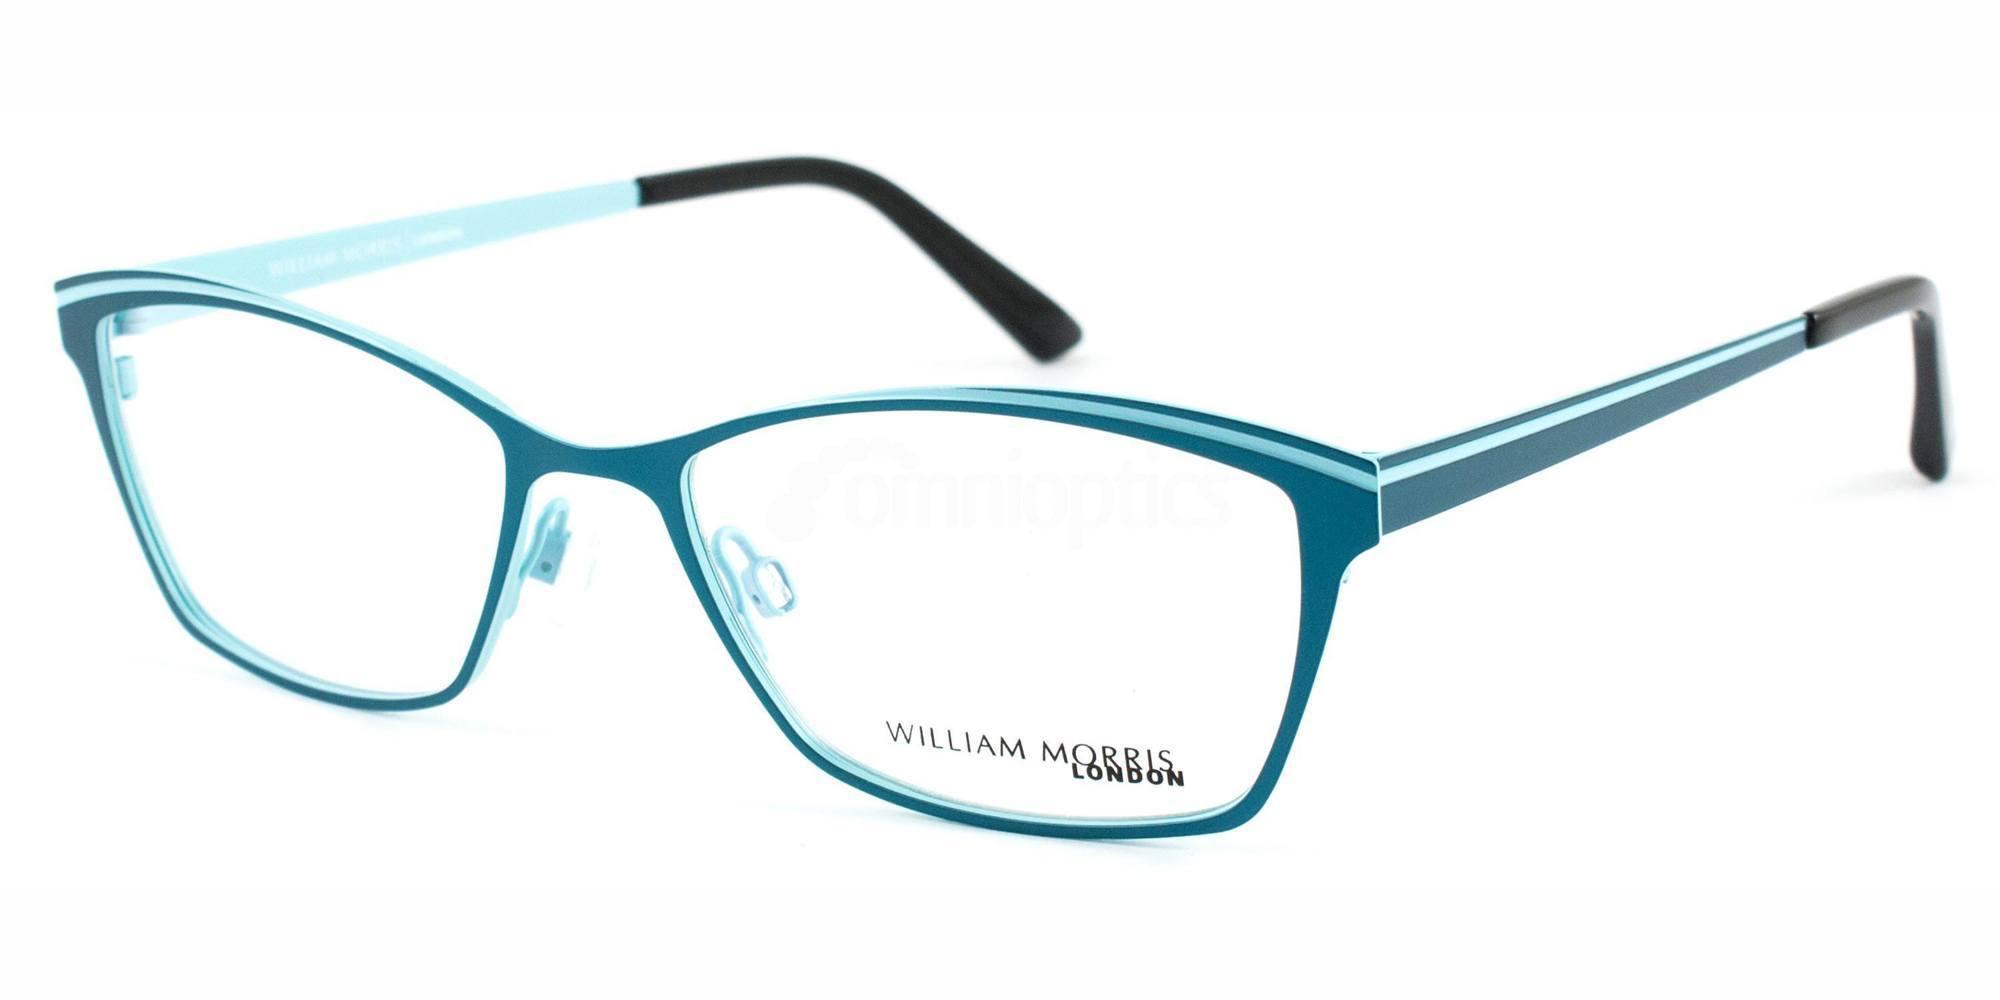 C4 WL4135 , William Morris London